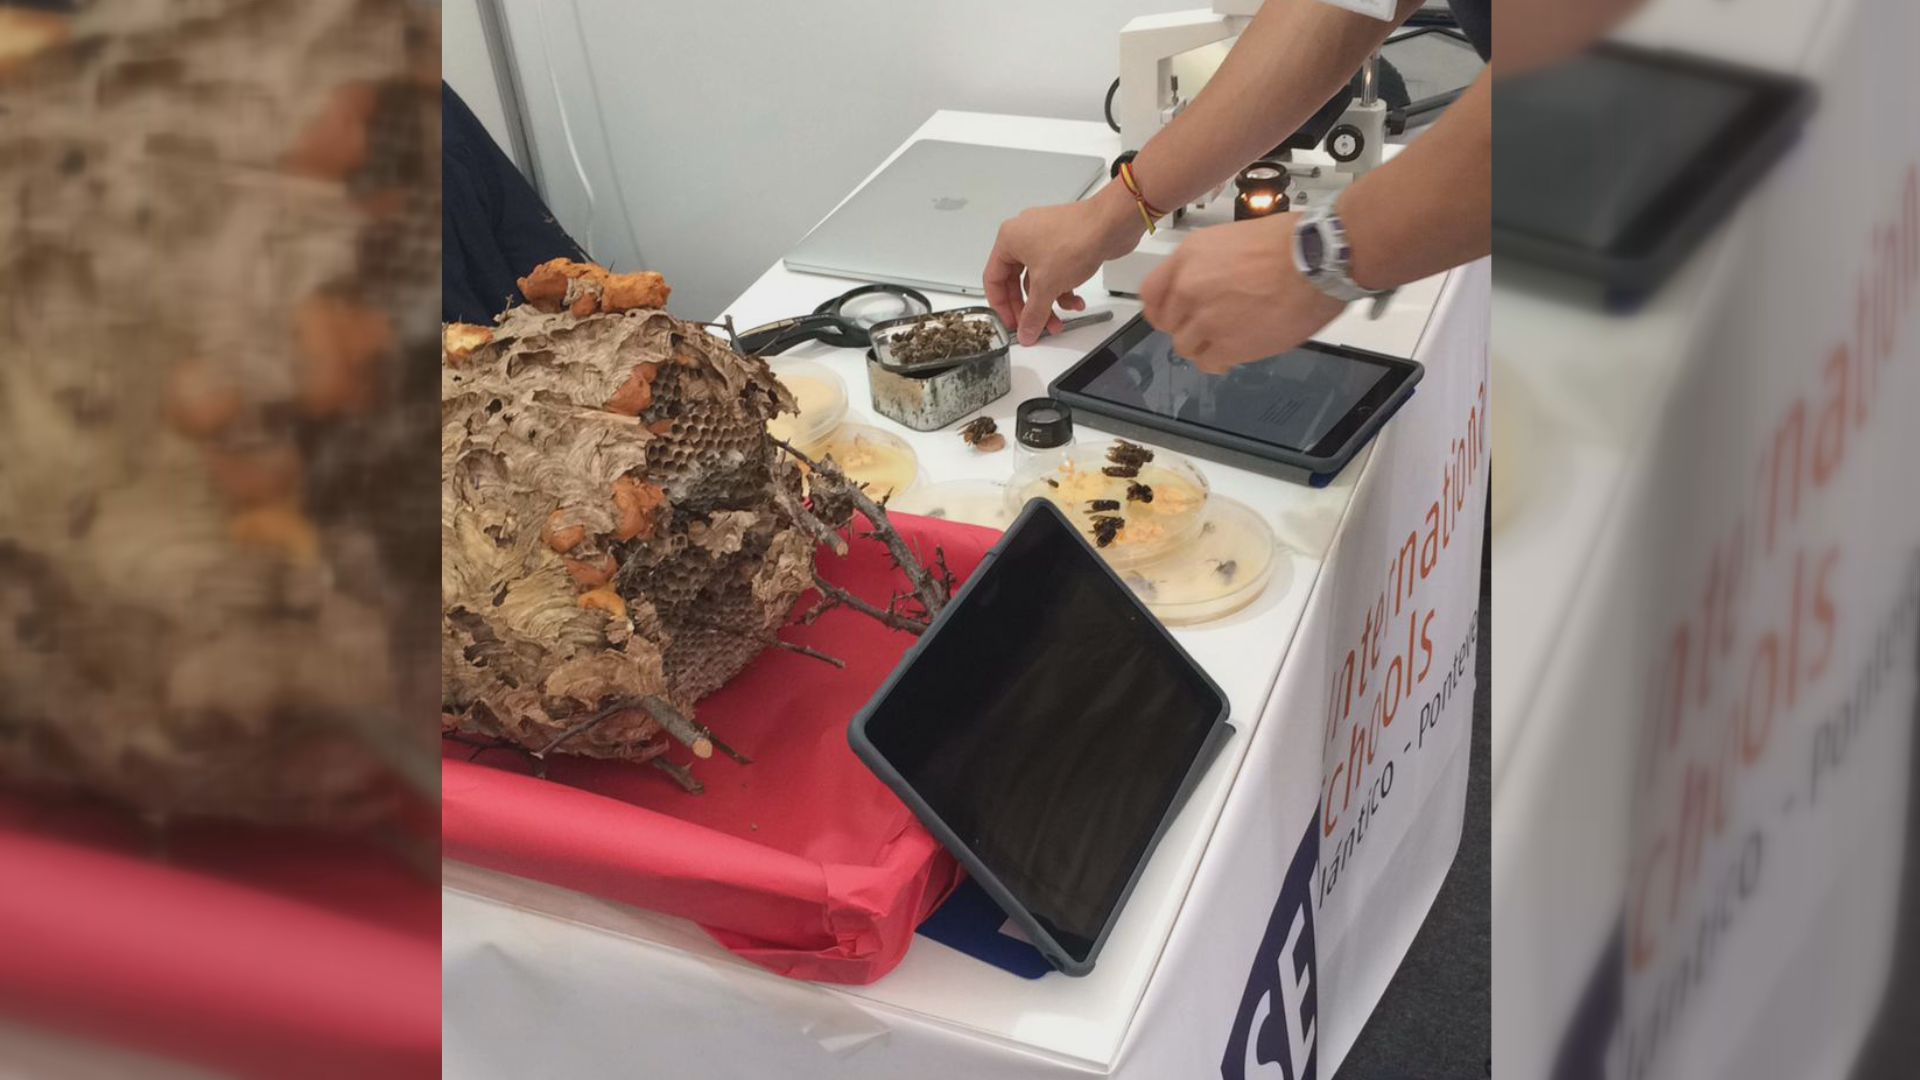 Detalle del stand de la feria Galiciencia, con un nido de velutina y placas petri con las muestras